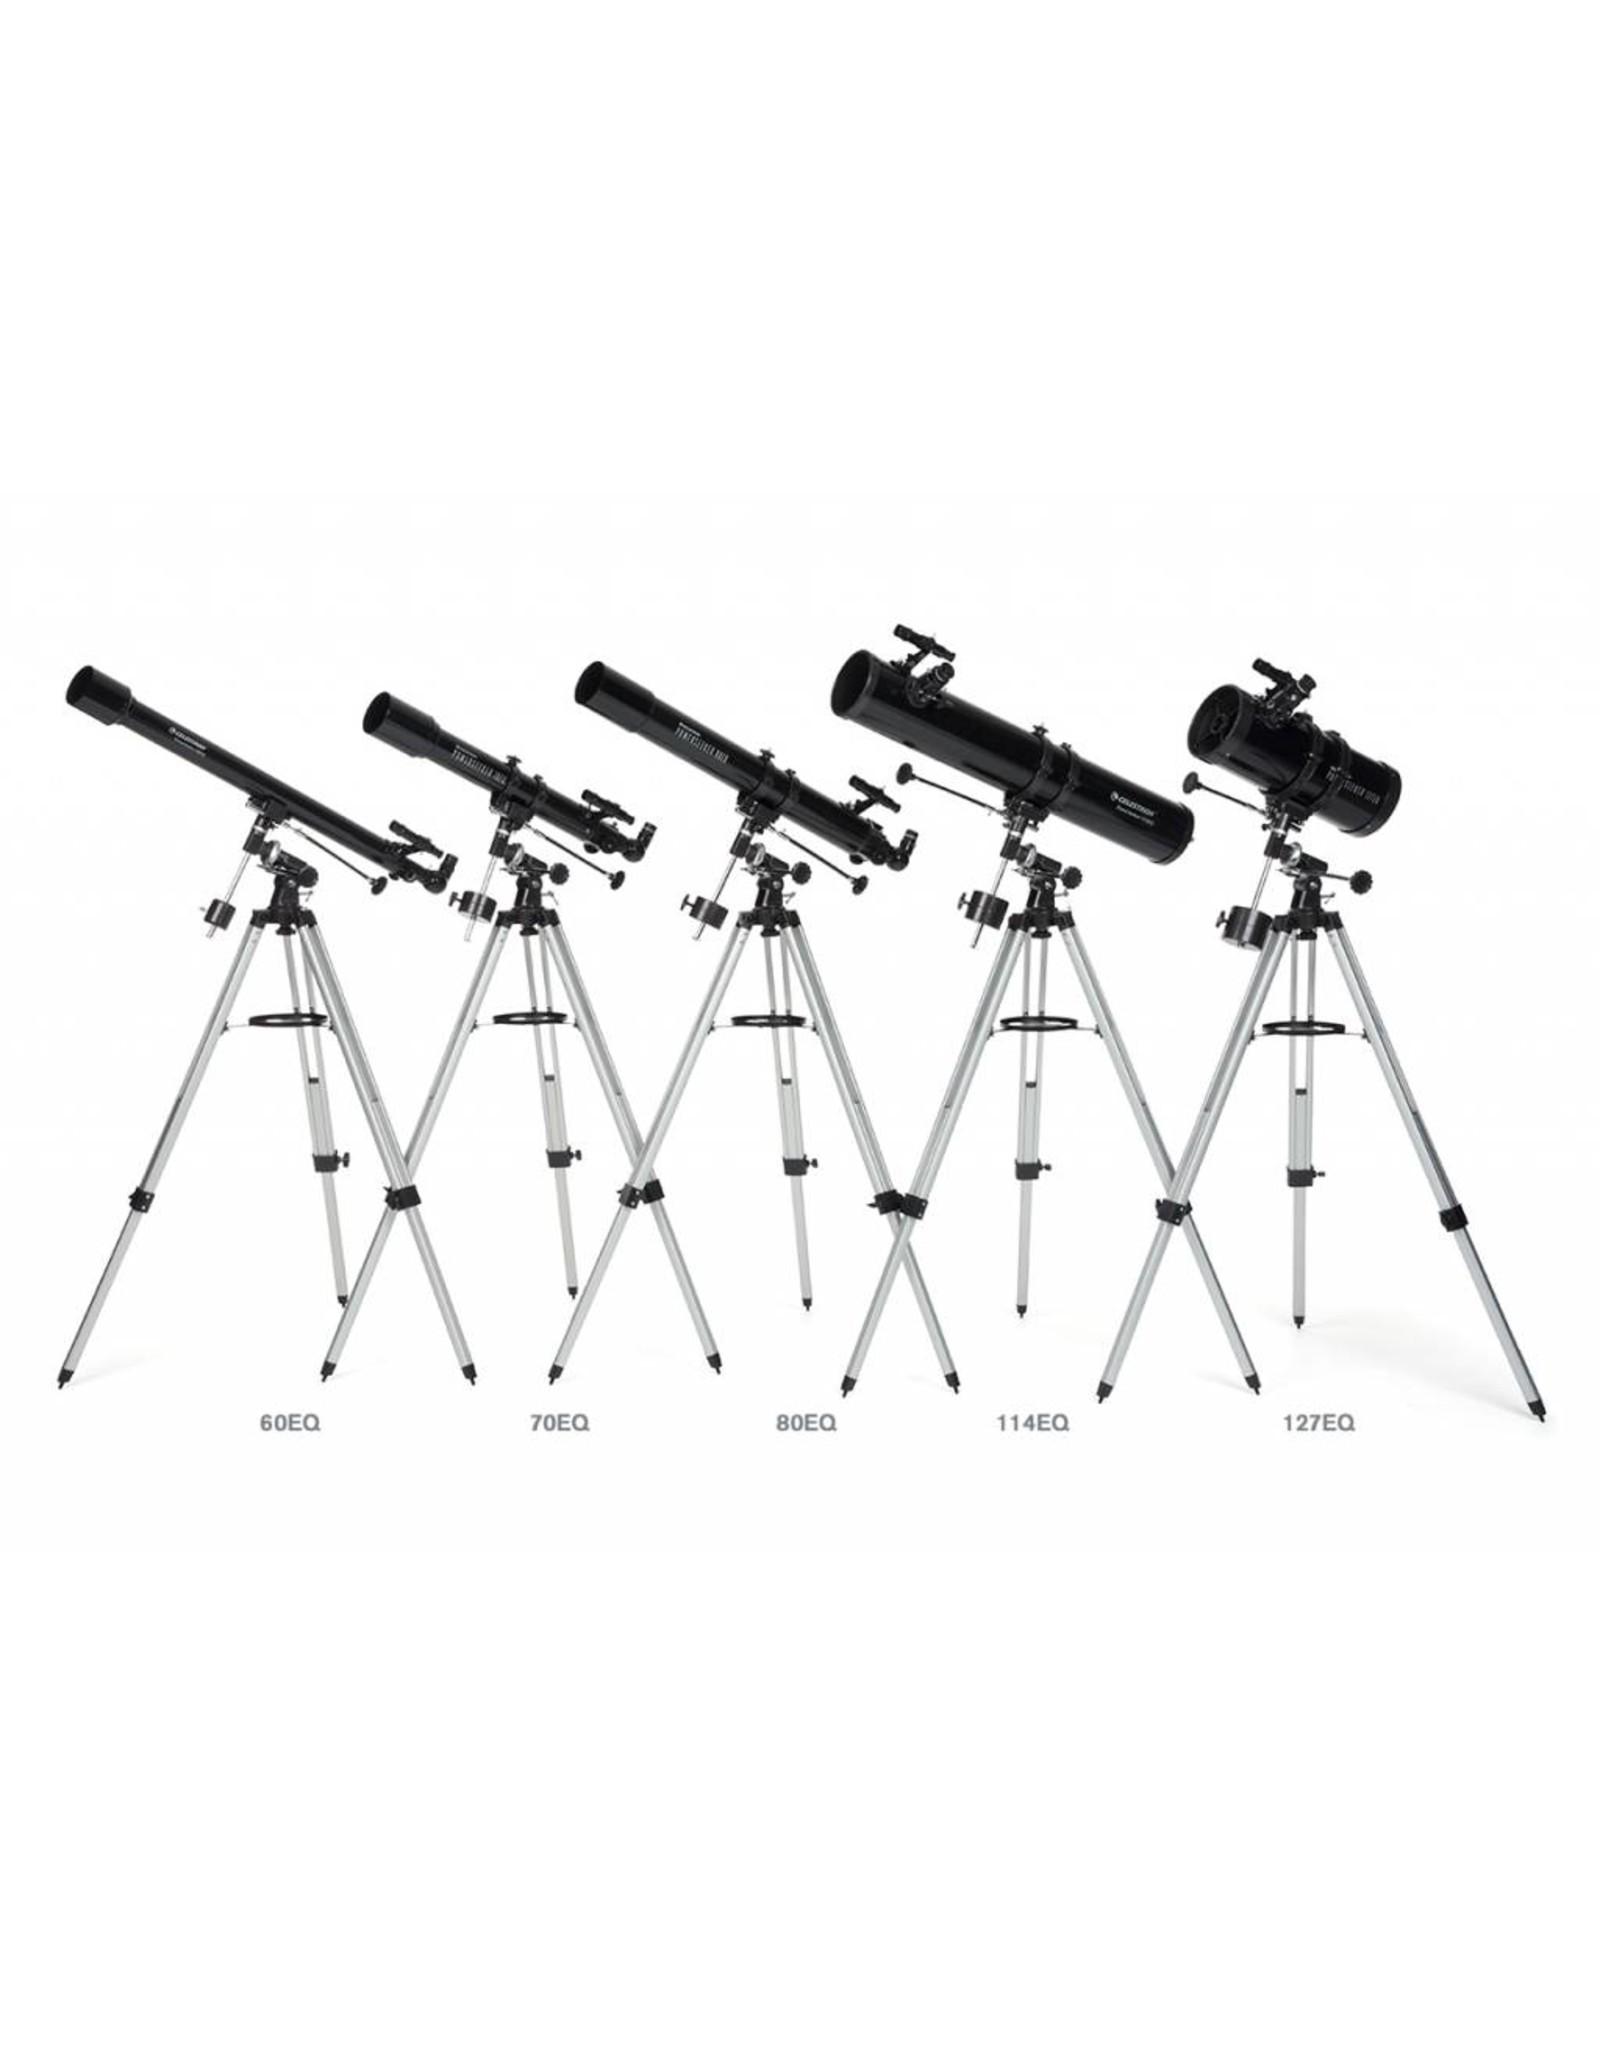 Celestron Celestron PowerSeeker 70EQ Telescope